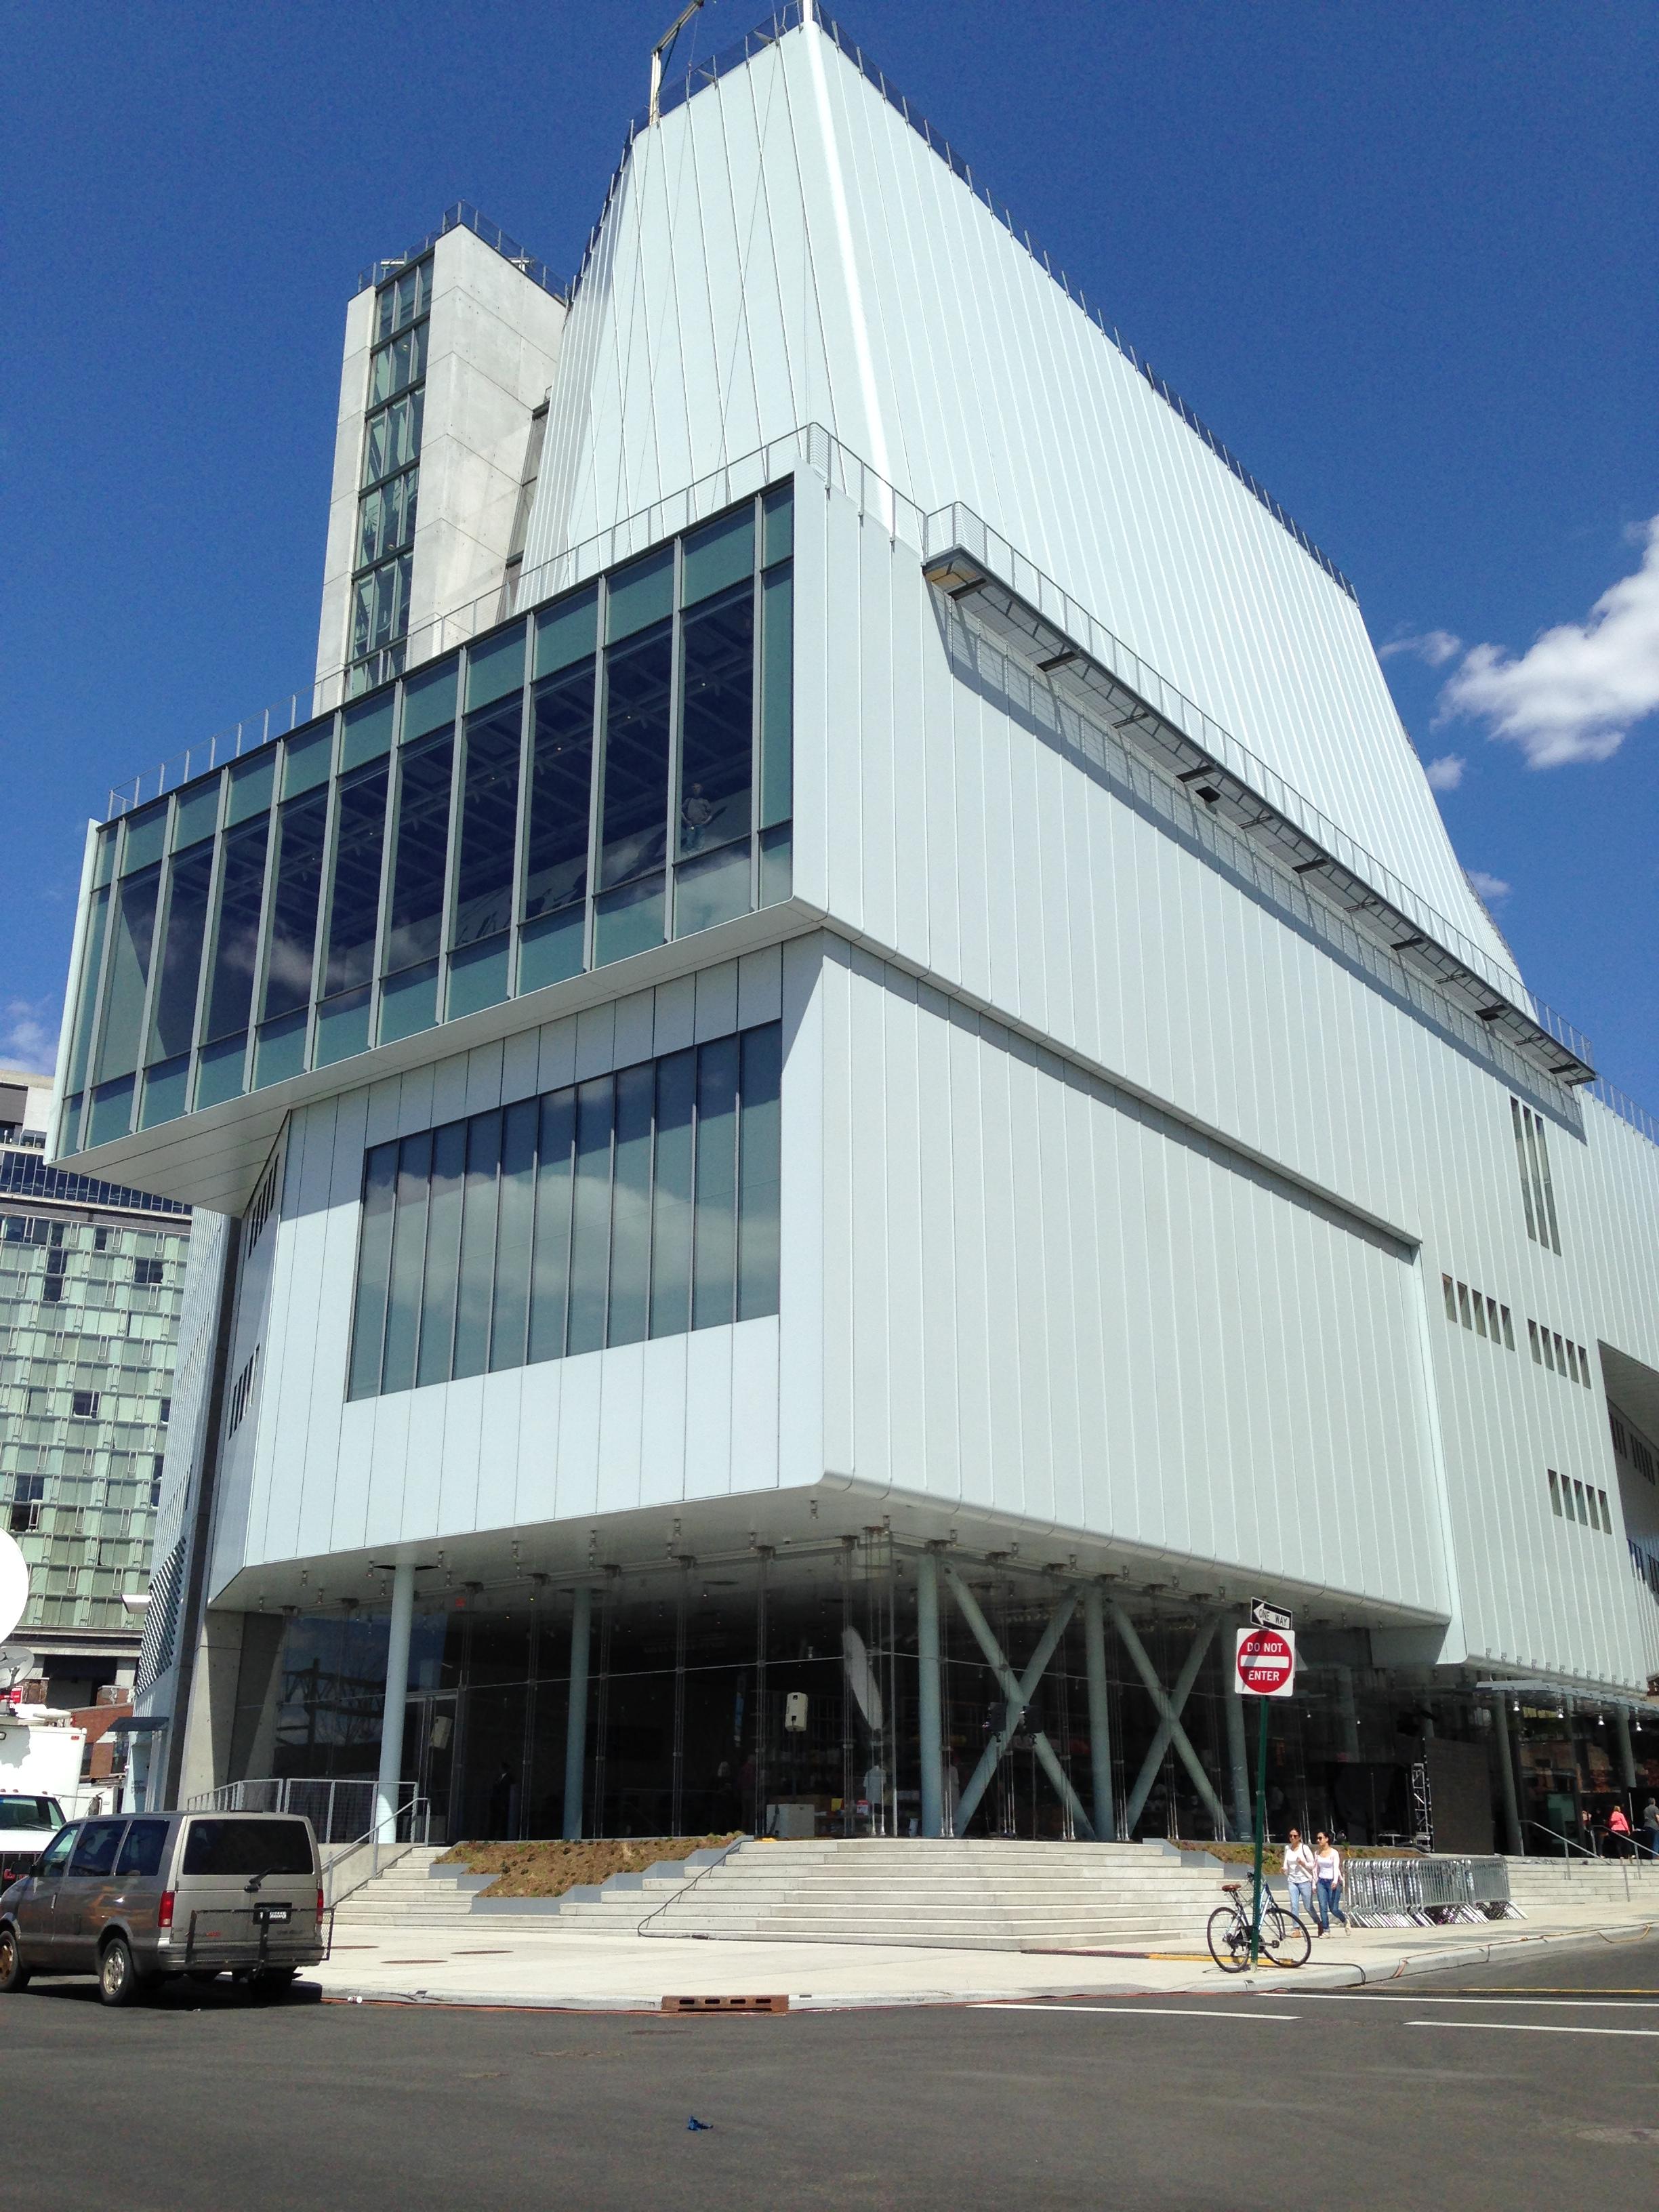 New York, apre il Whitney Museum di Renzo Piano che 'dialoga' con la città